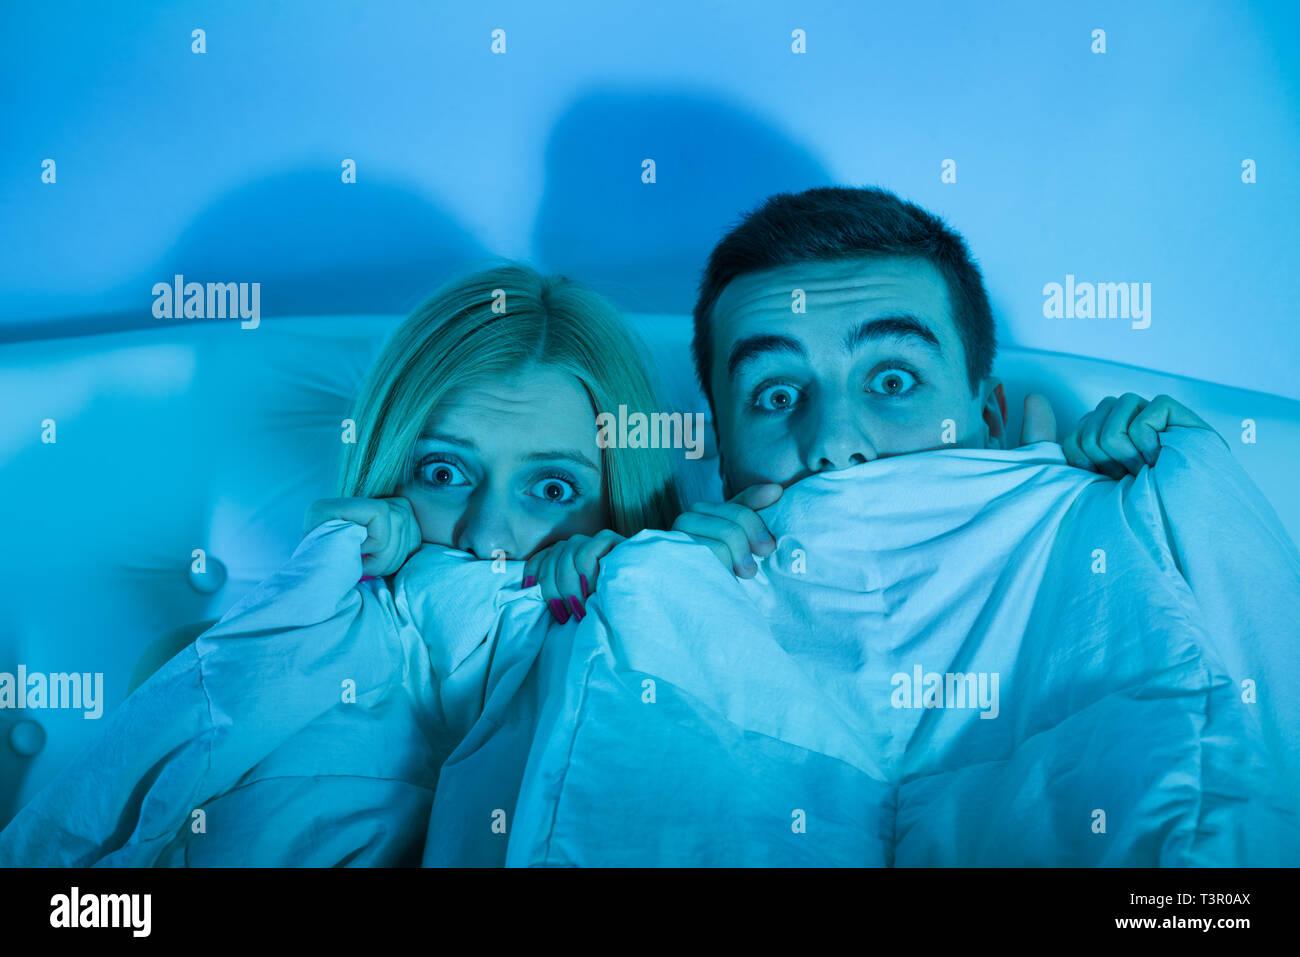 Verängstigte Paar beobachten einen Horrorfilm Stockfoto